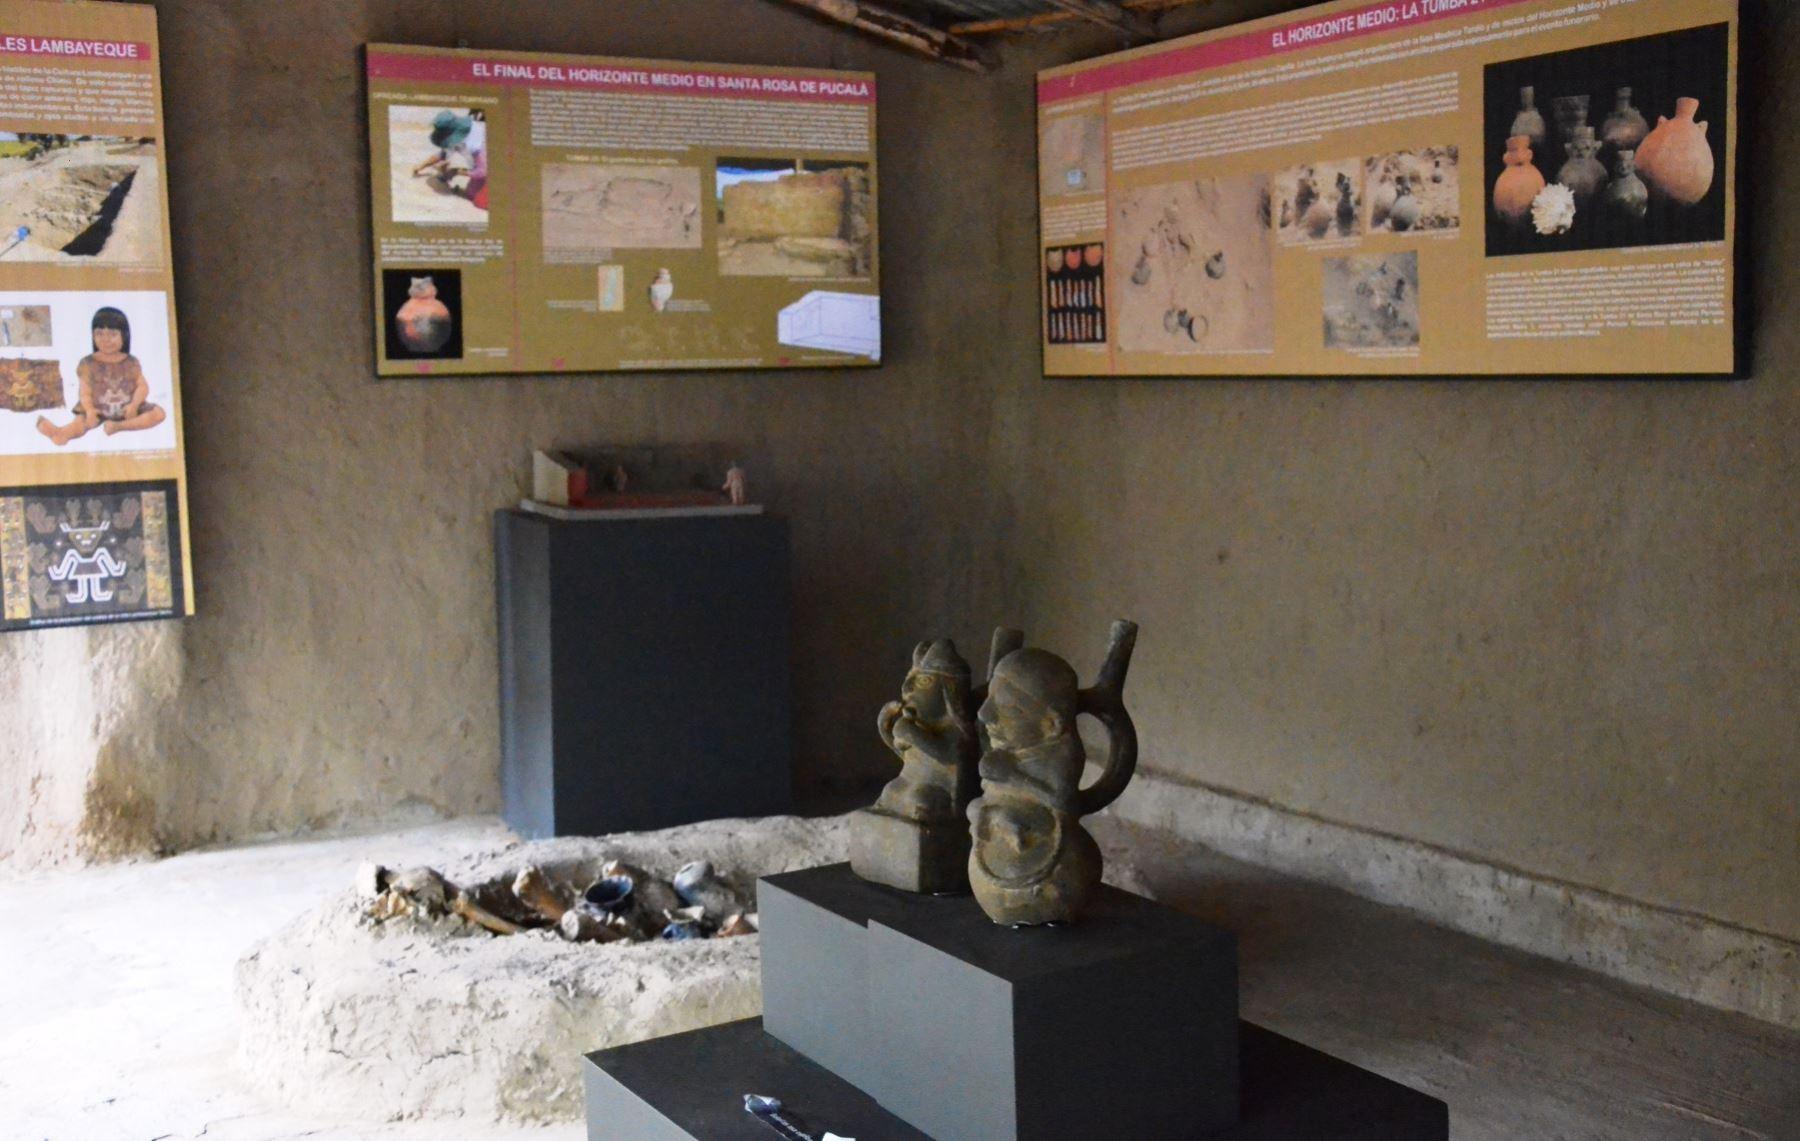 Centro de Información de Huaca Santa Rosa, ubicado en Lambayeque, es el resultado de la gestión con la comunidad de Pucalá. ANDINA